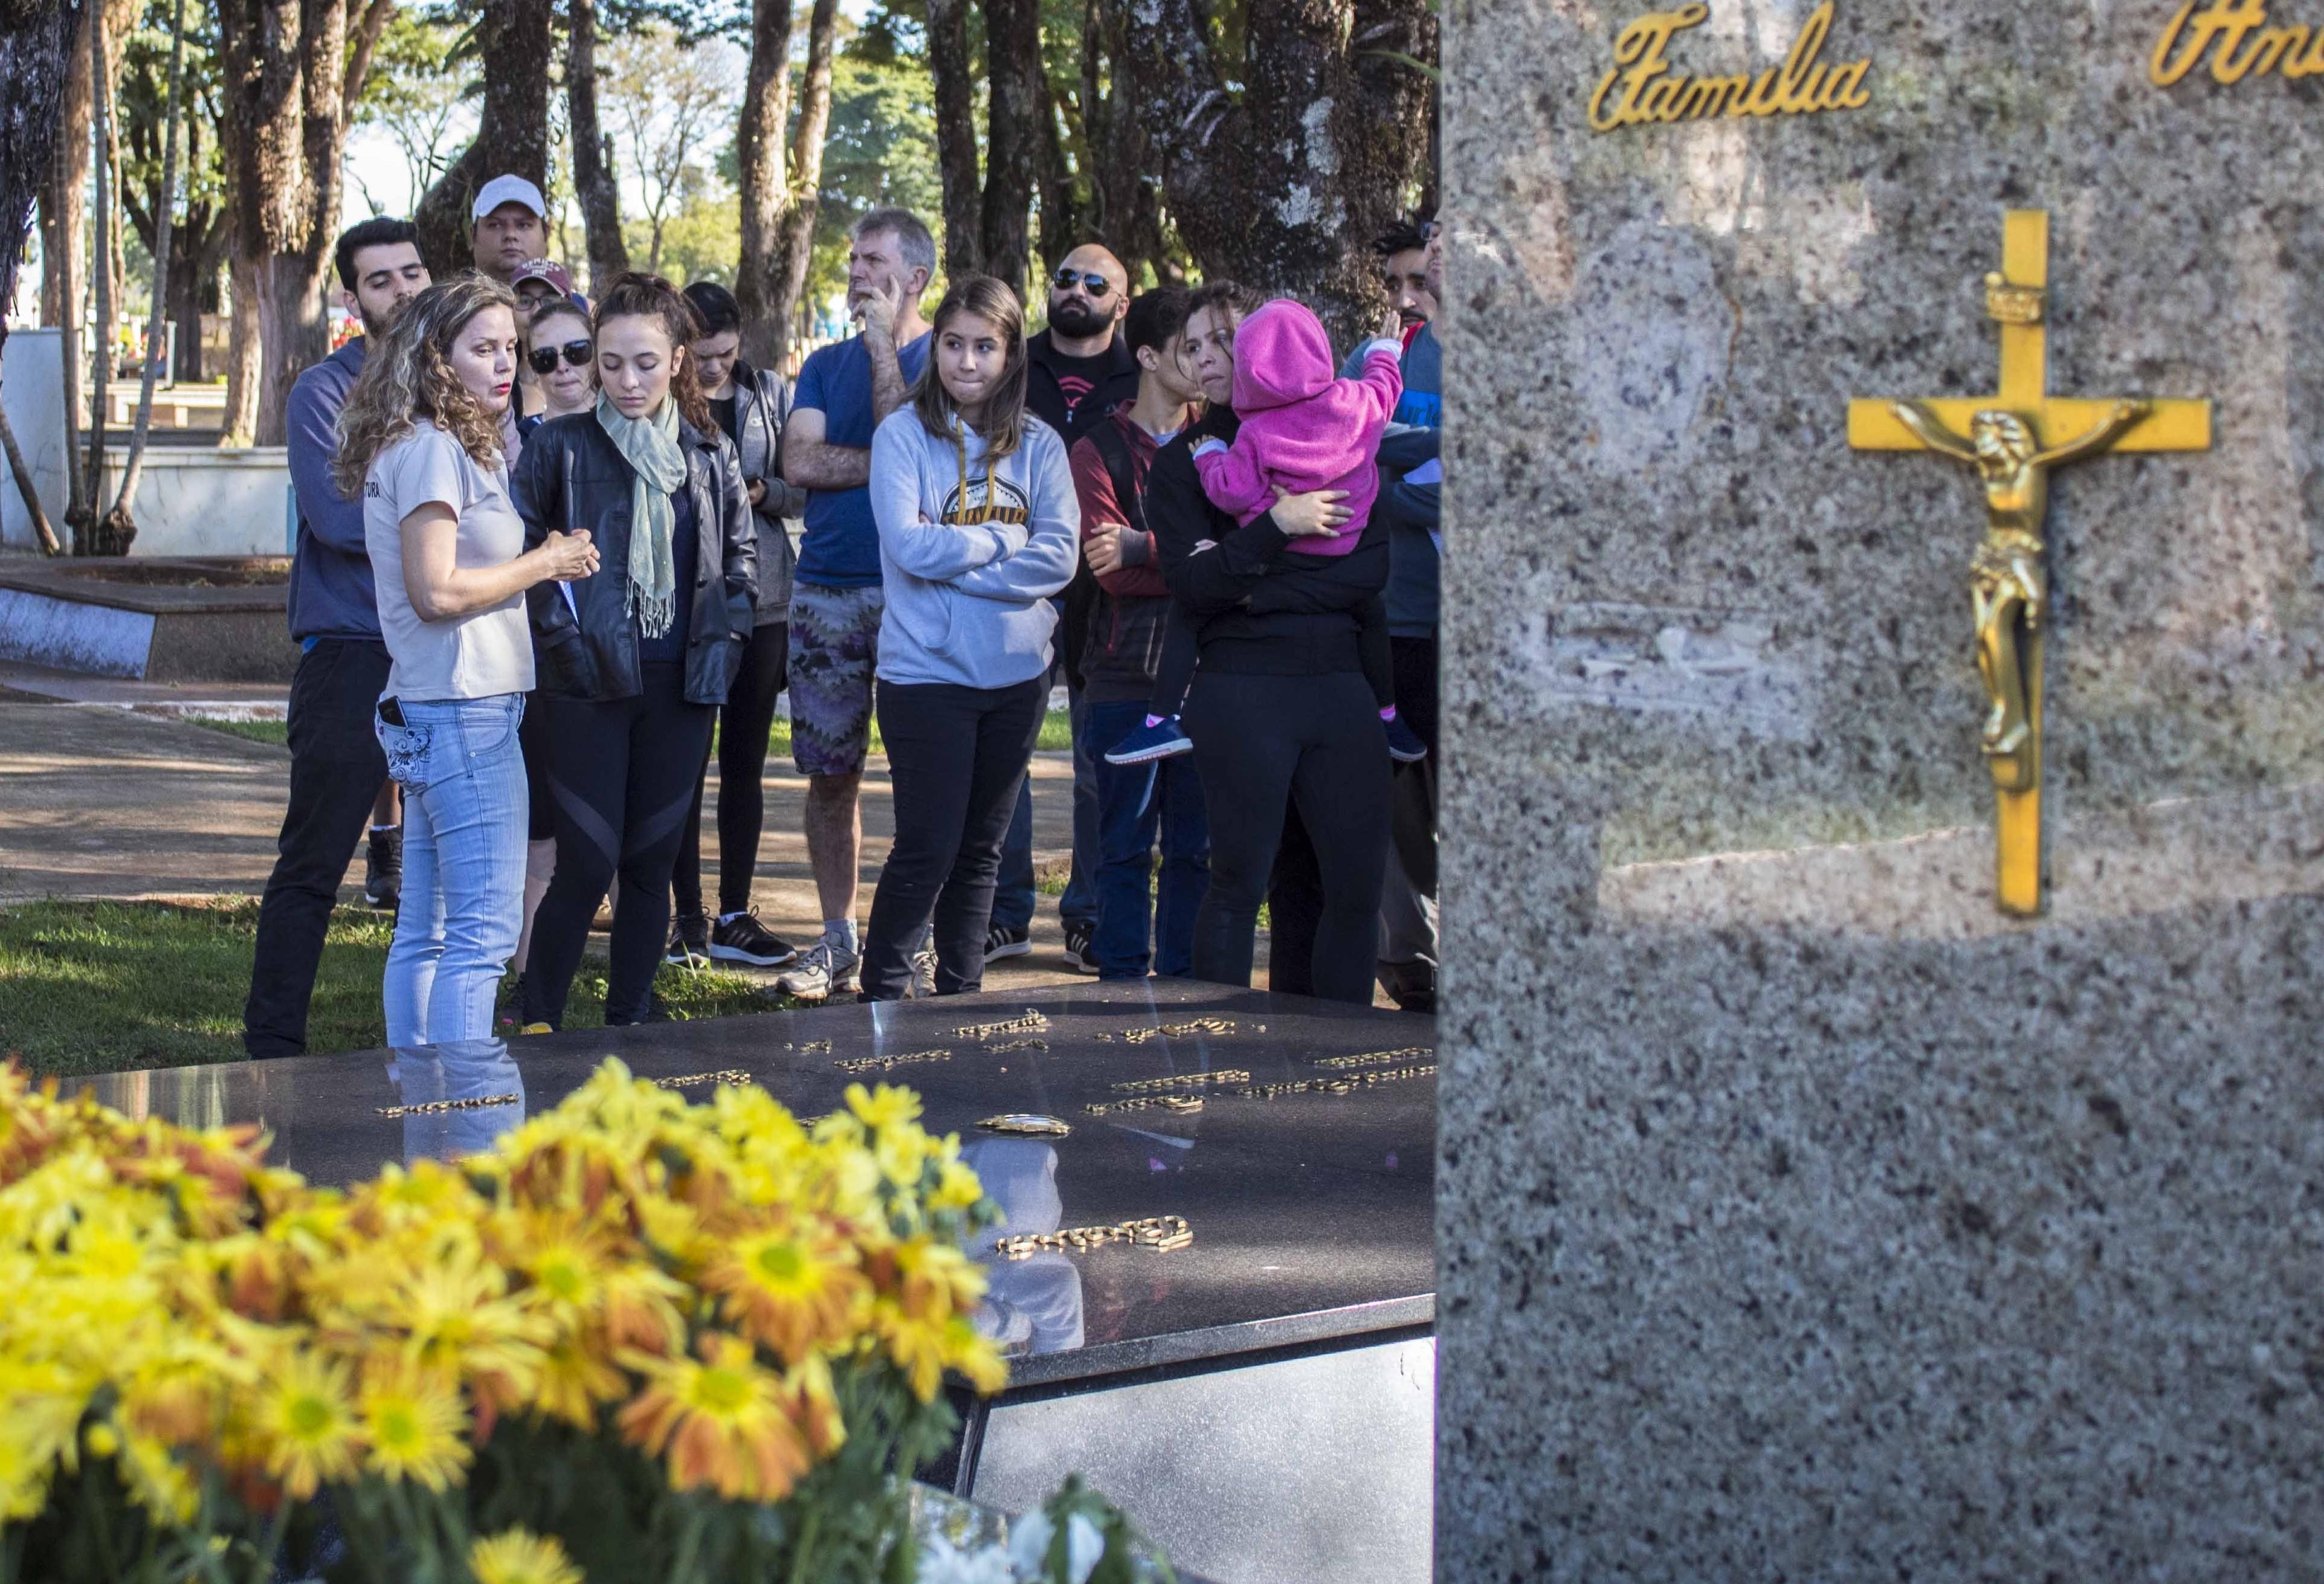 City Tour reúne pessoas e compartilha histórias em meio a túmulos